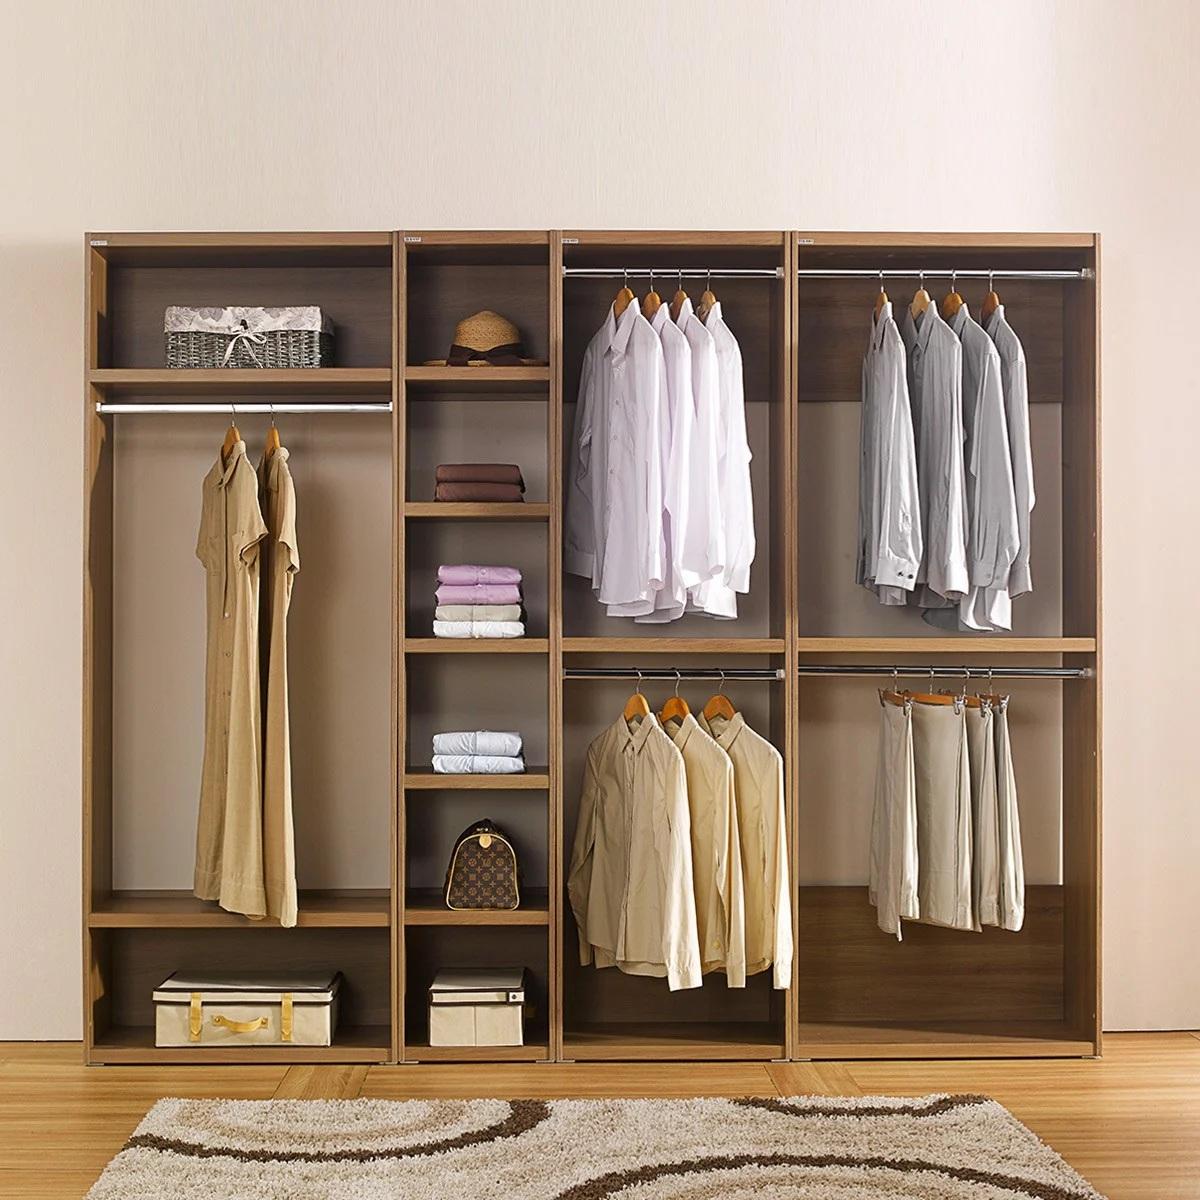 Tủ quần áo thông dụng, tiện nghi cho phòng ngủ